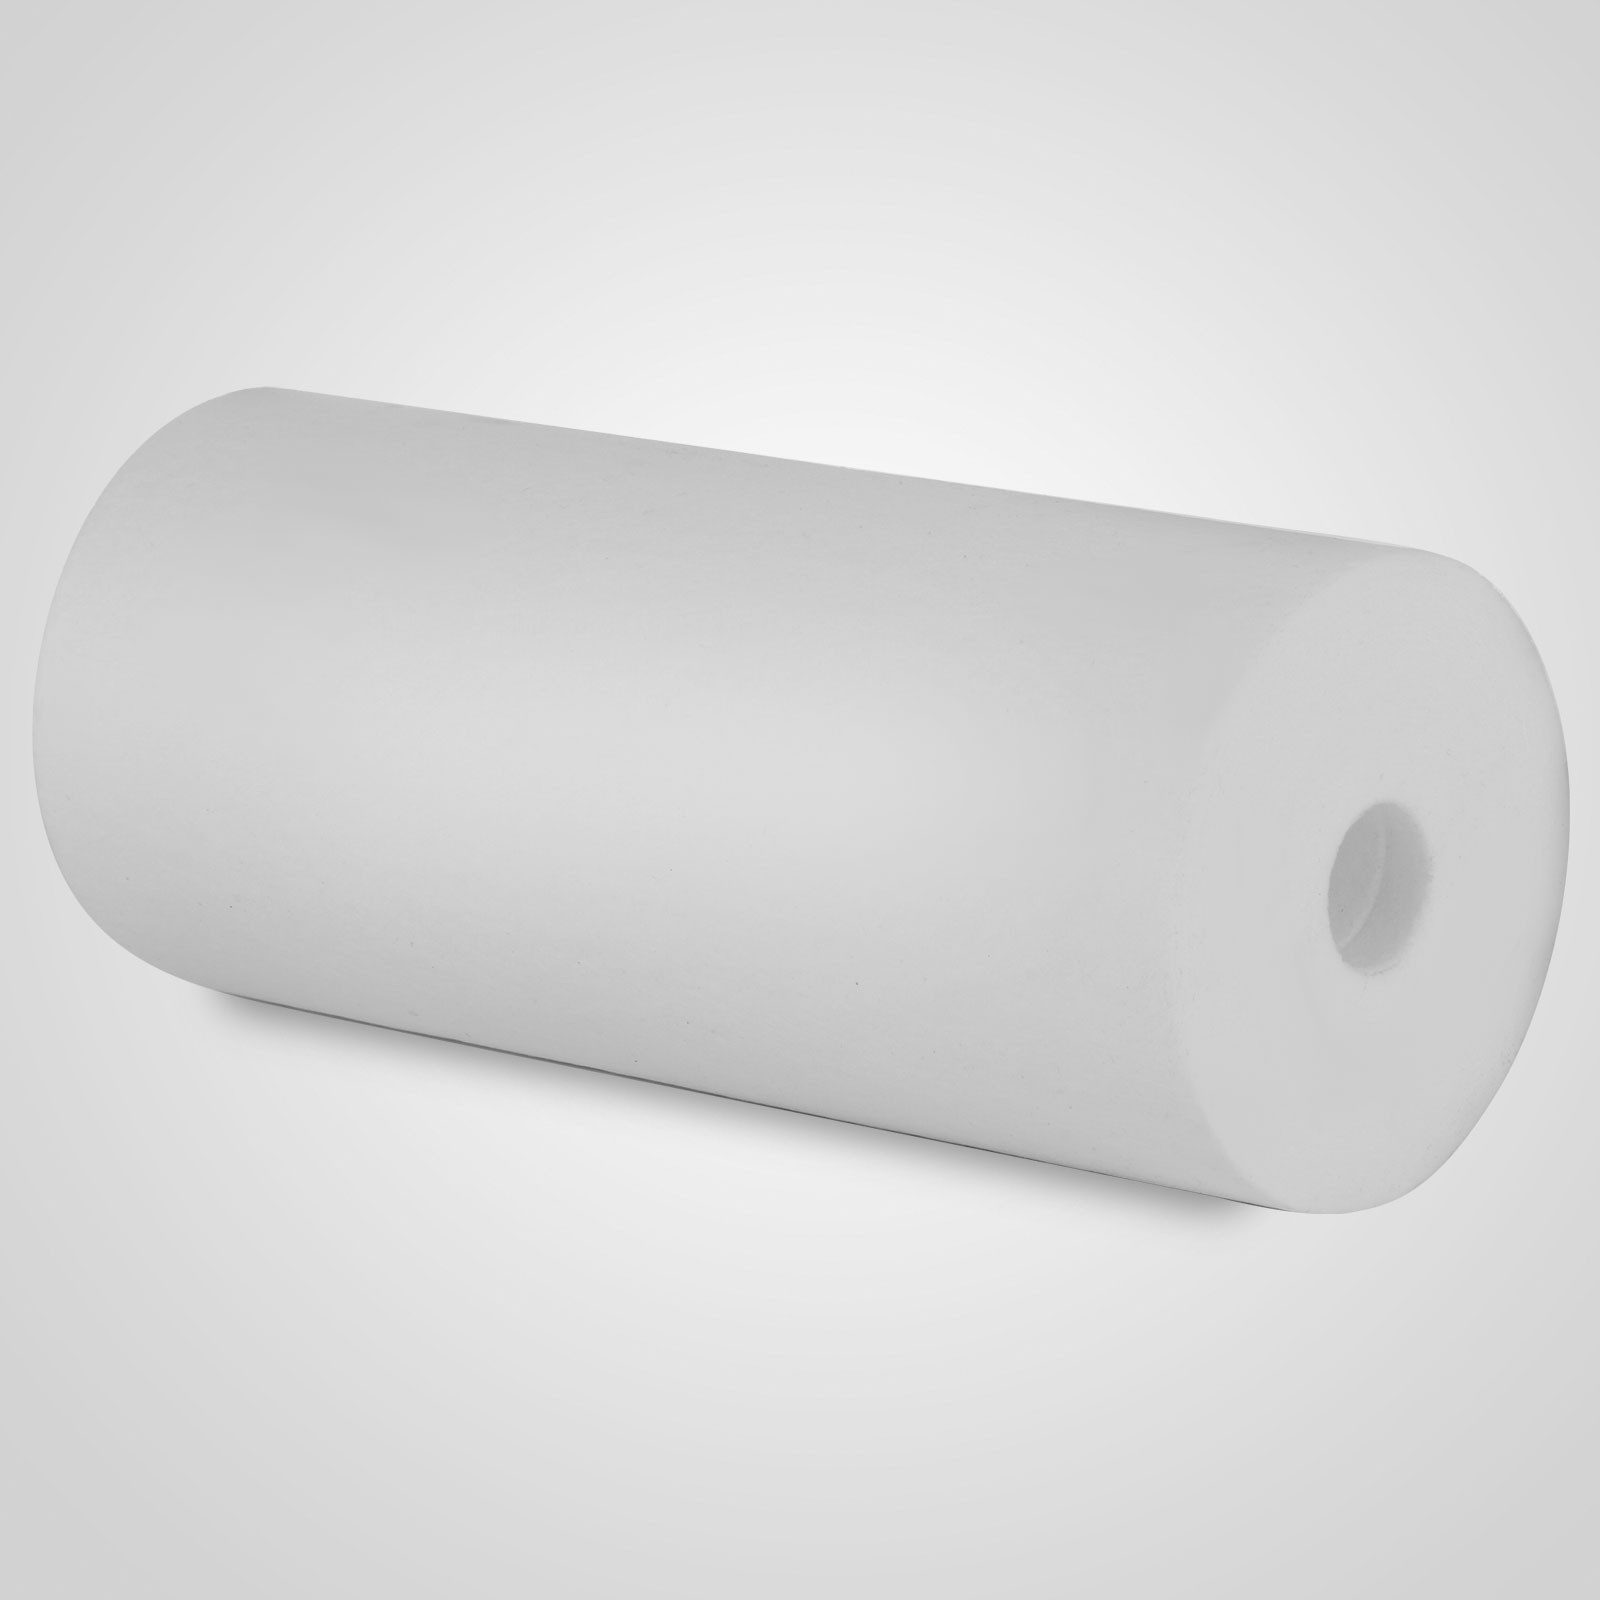 20Pcs-Cartouche-Filtrante-5-Micron-10-034-X-4-5-034-Contre-Sediments-Particules miniature 5